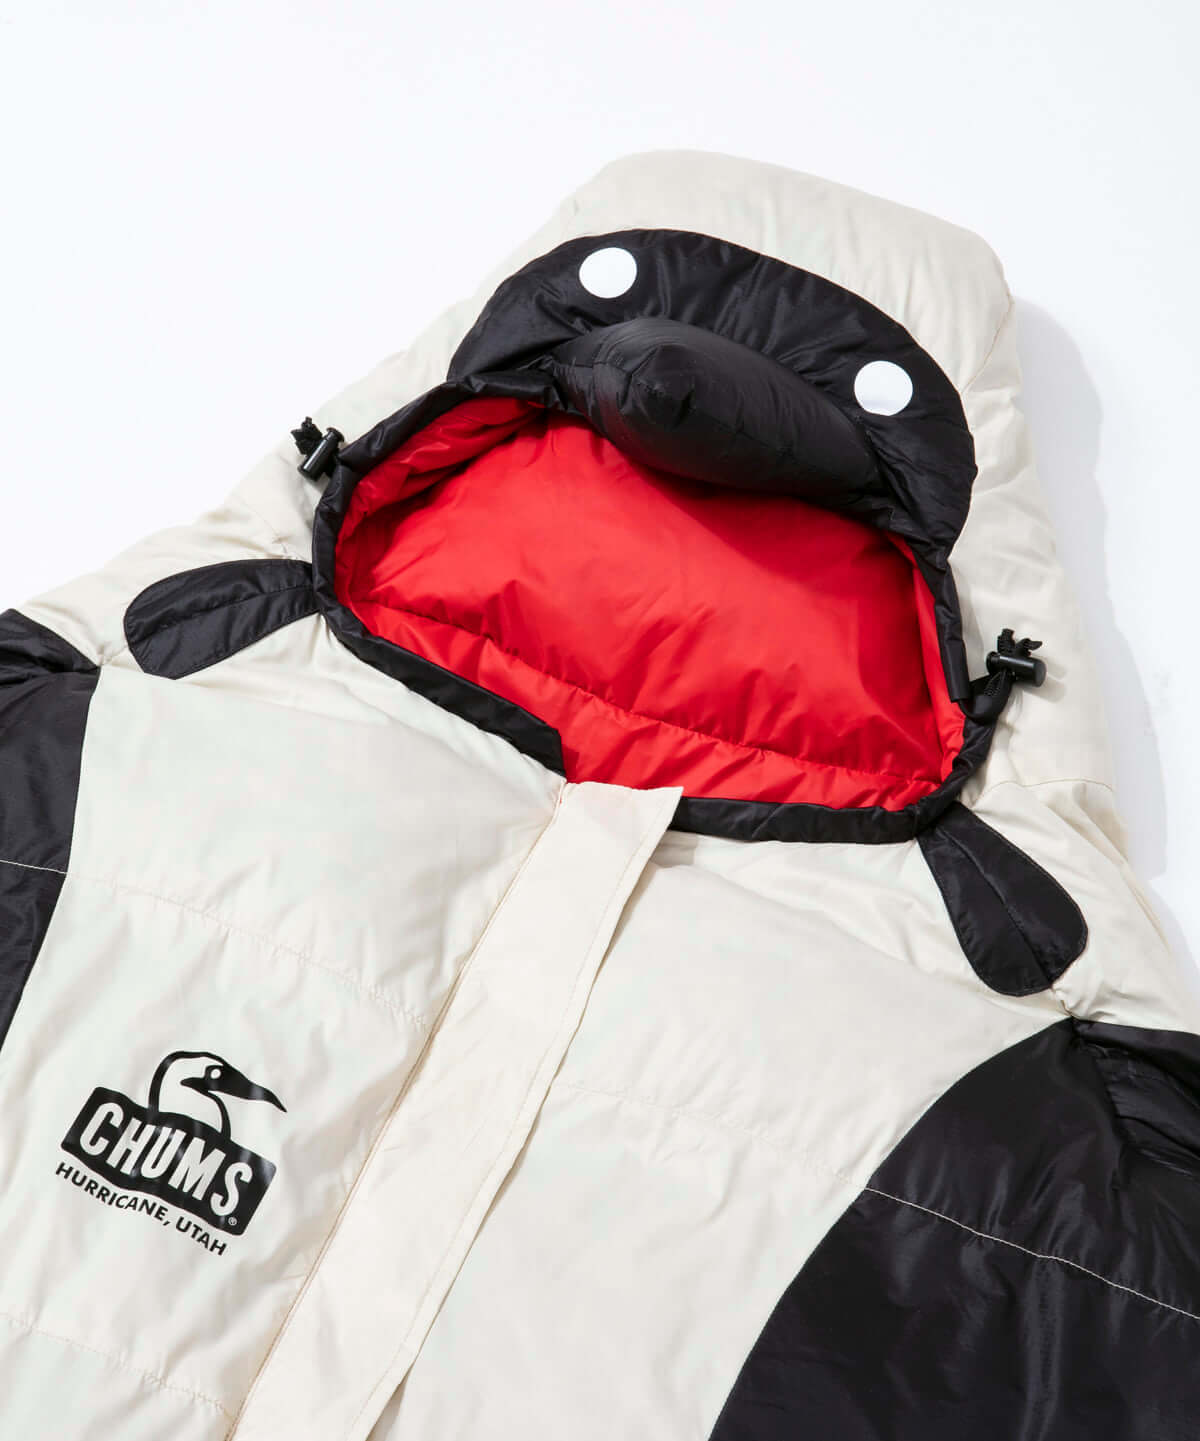 「CHUMS」待望の寝袋シリーズが発売|ブービーバードに変身できる寝袋が登場 life190318_chums_6-1200x1441